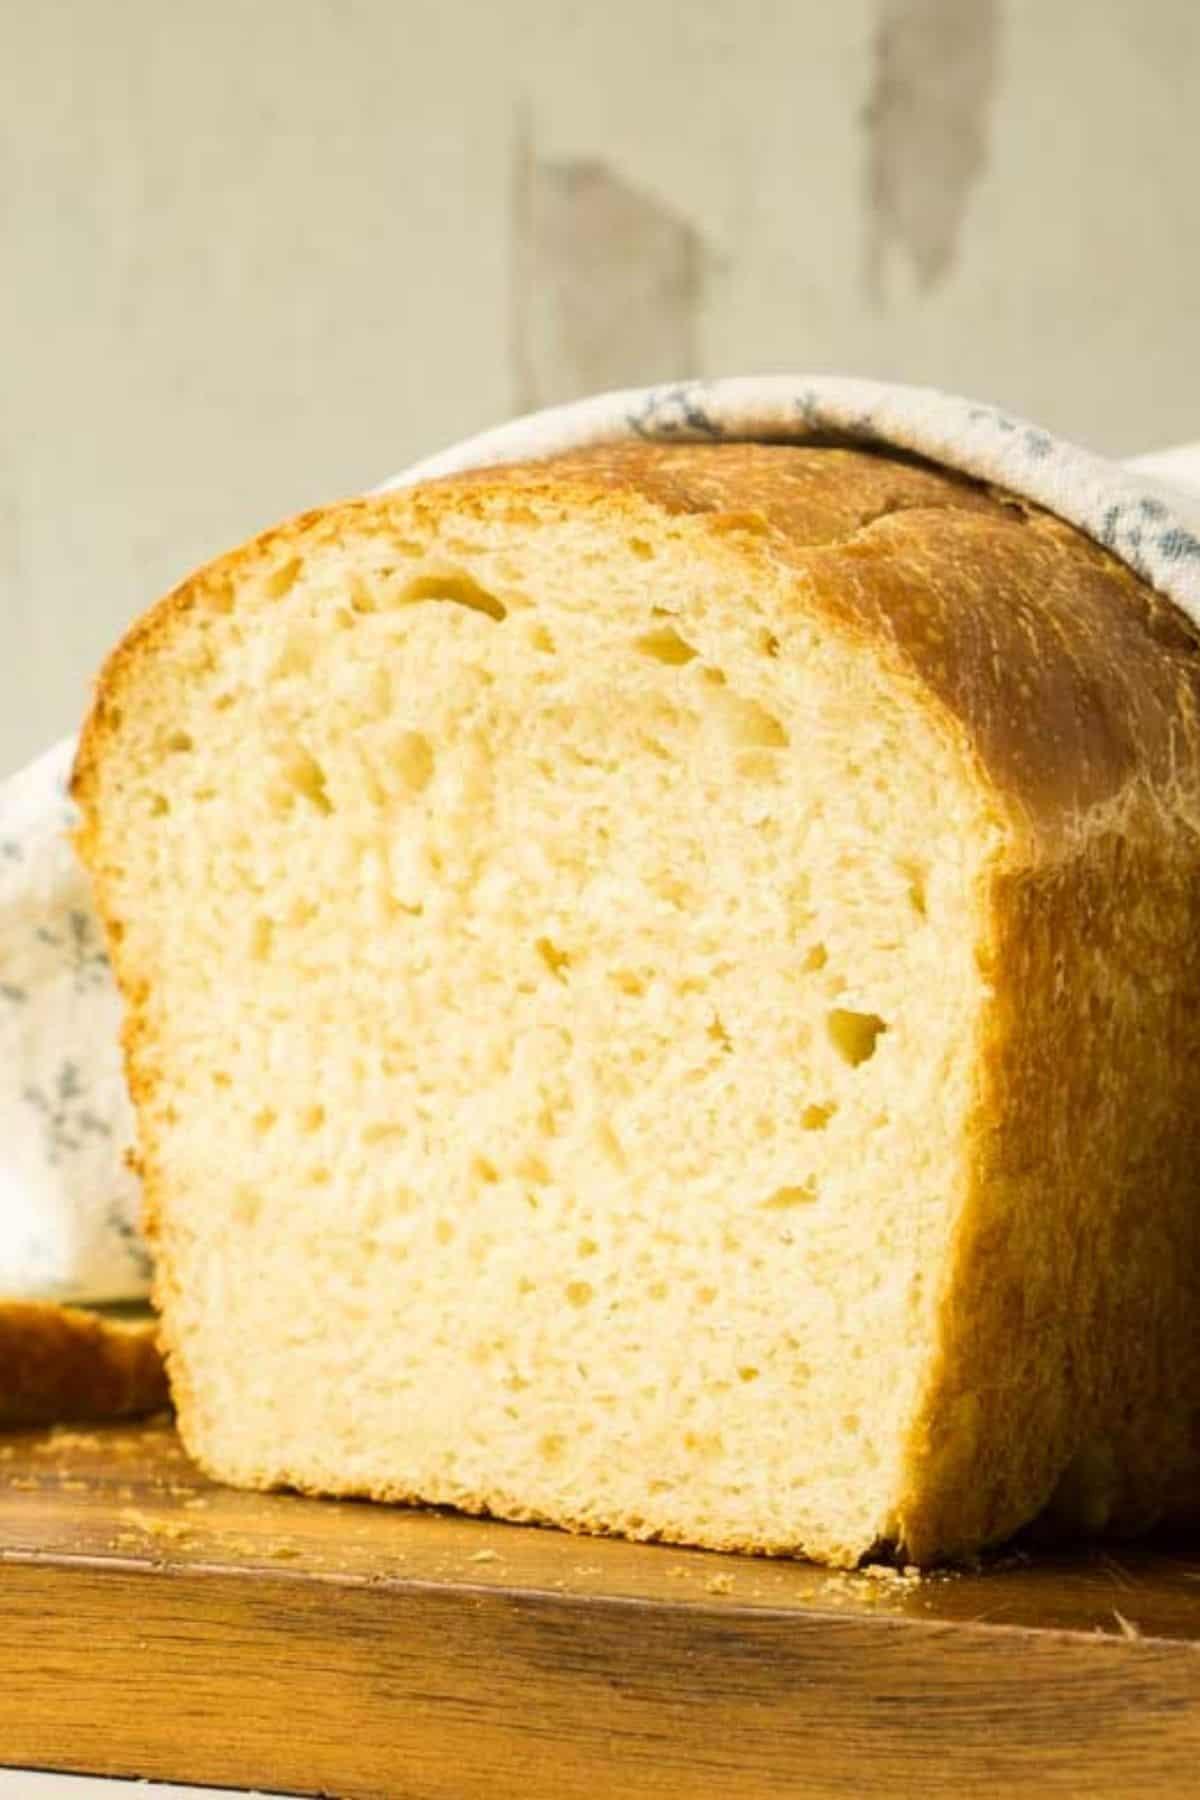 sandwich loaf of buttermilk sourdough bread, cut on wooden board